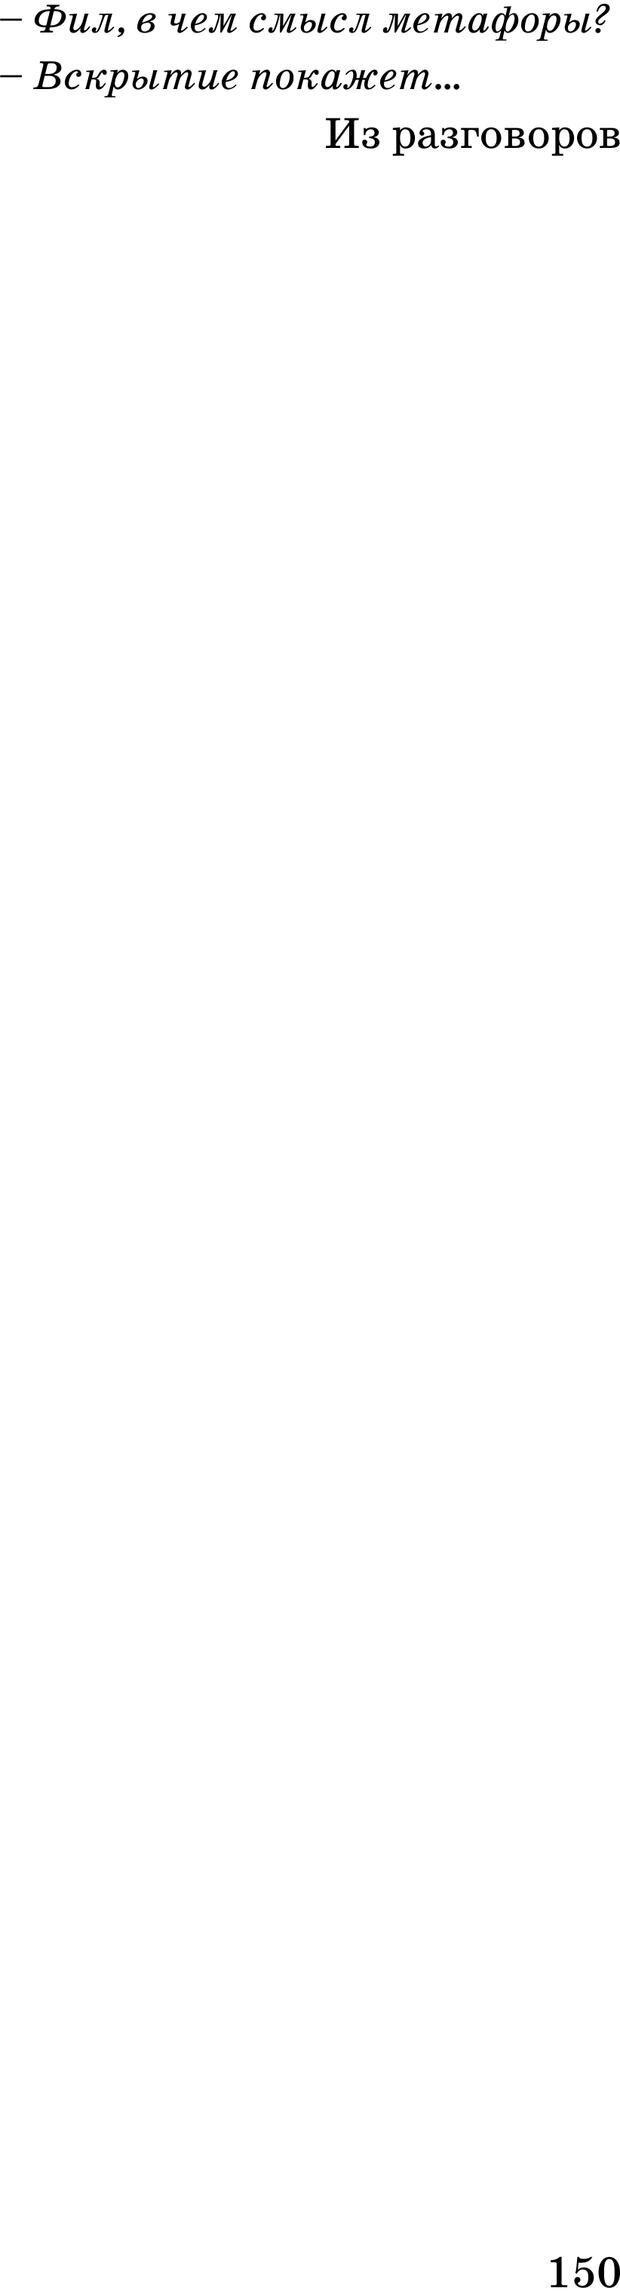 PDF. Русская Модель Эффективного Соблазнения. Мастерский курс. Богачев Ф. О. Страница 145. Читать онлайн